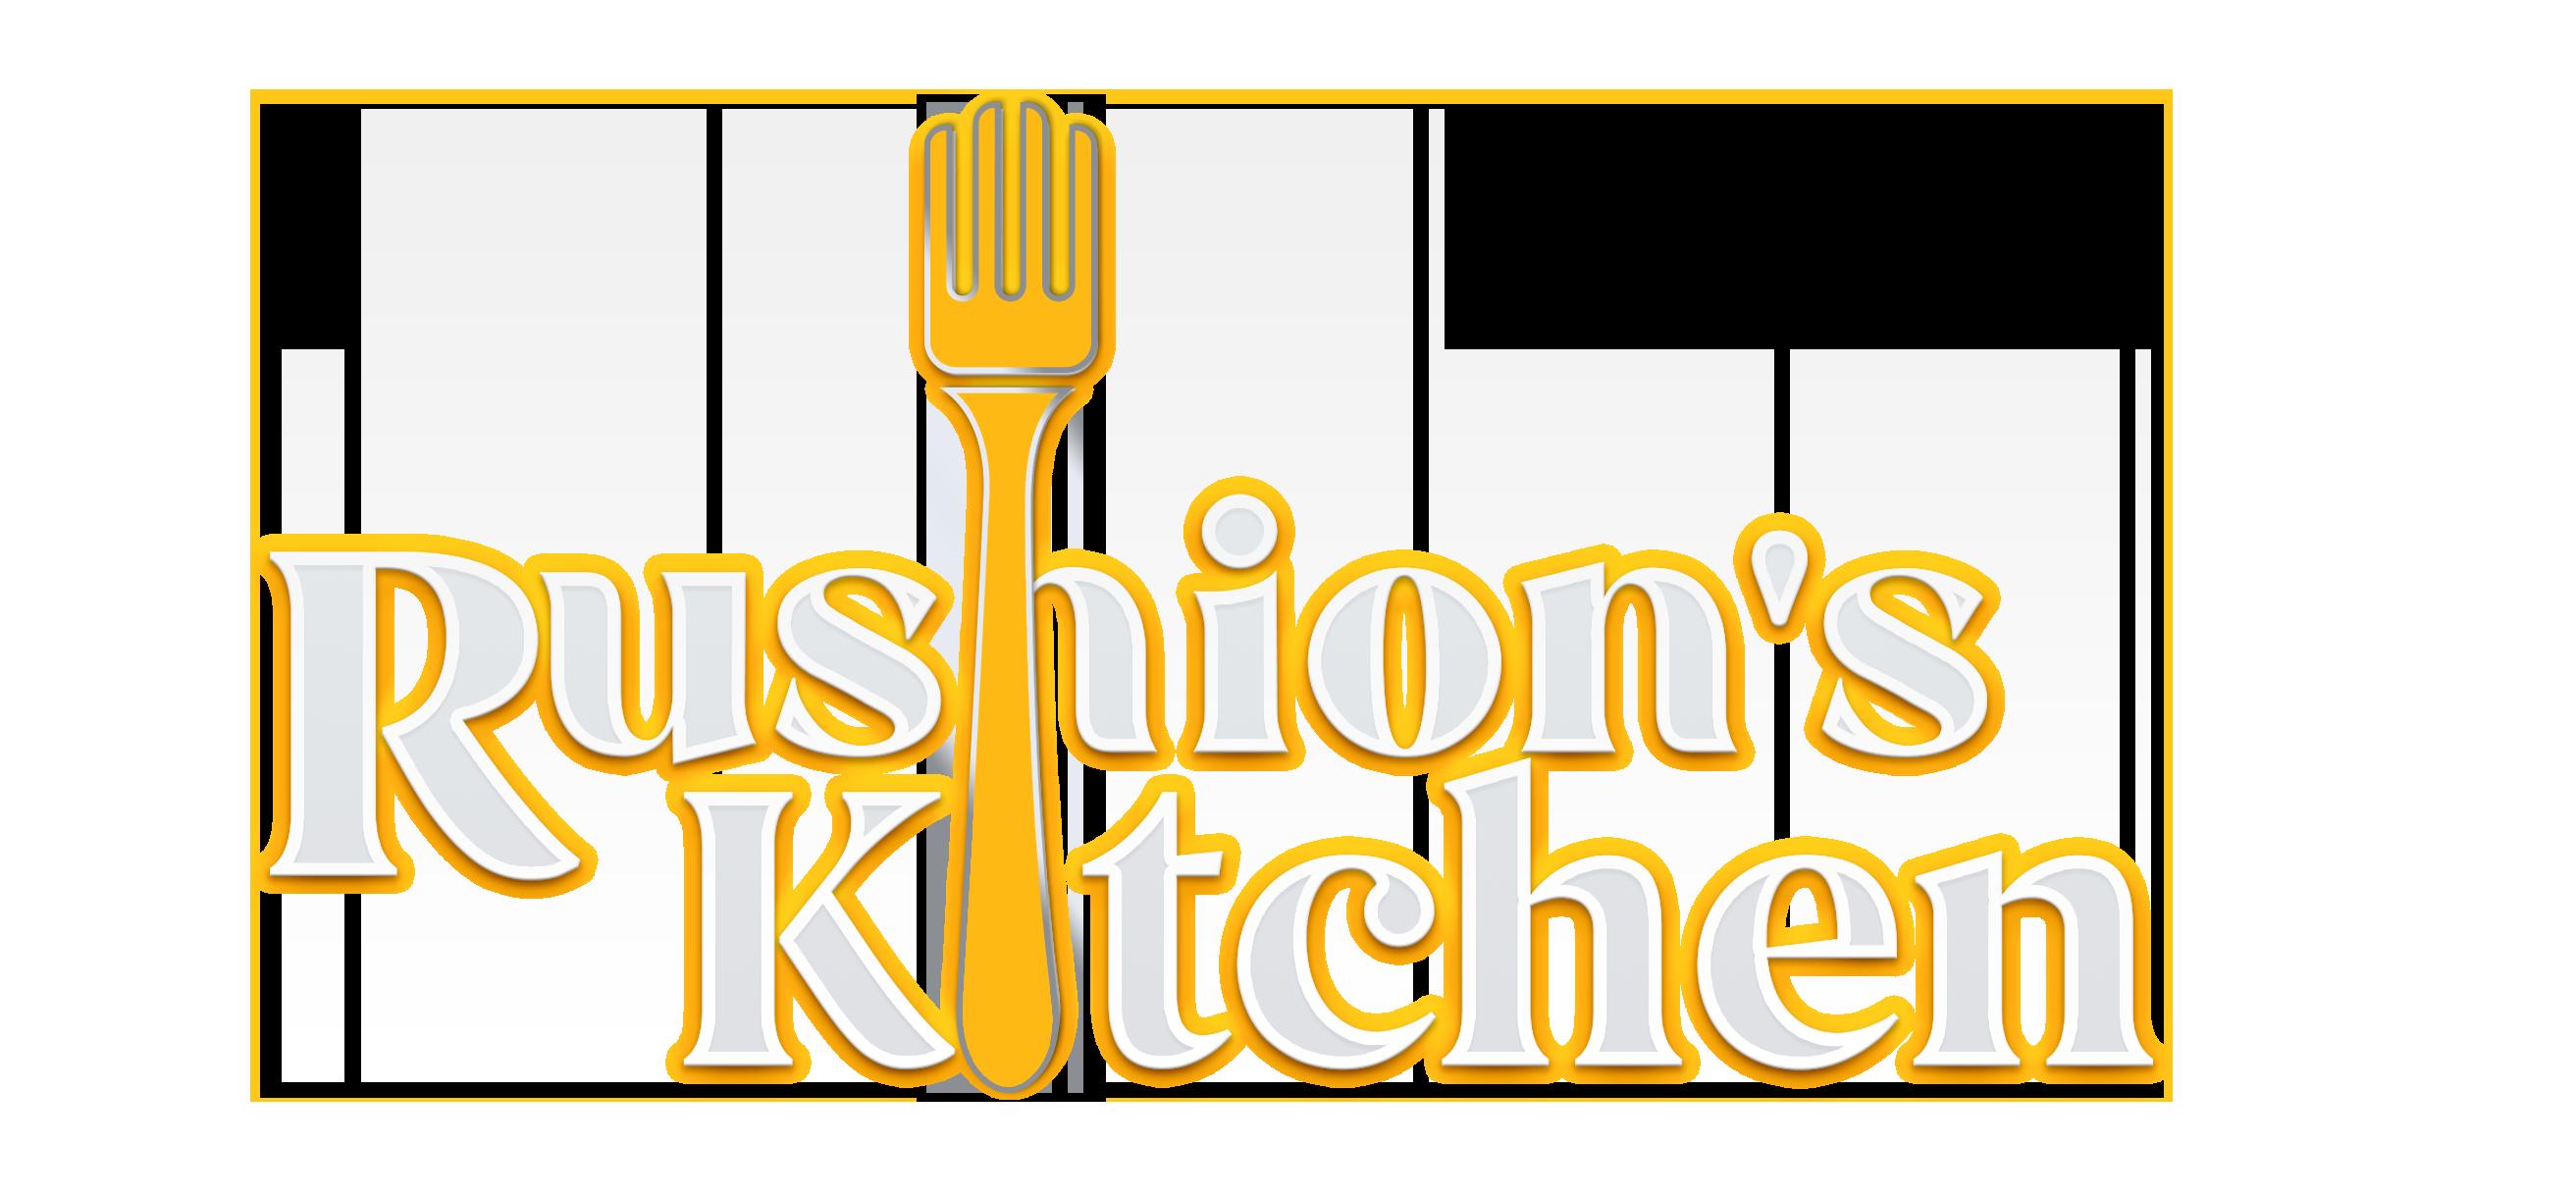 Rushion's Kitchen